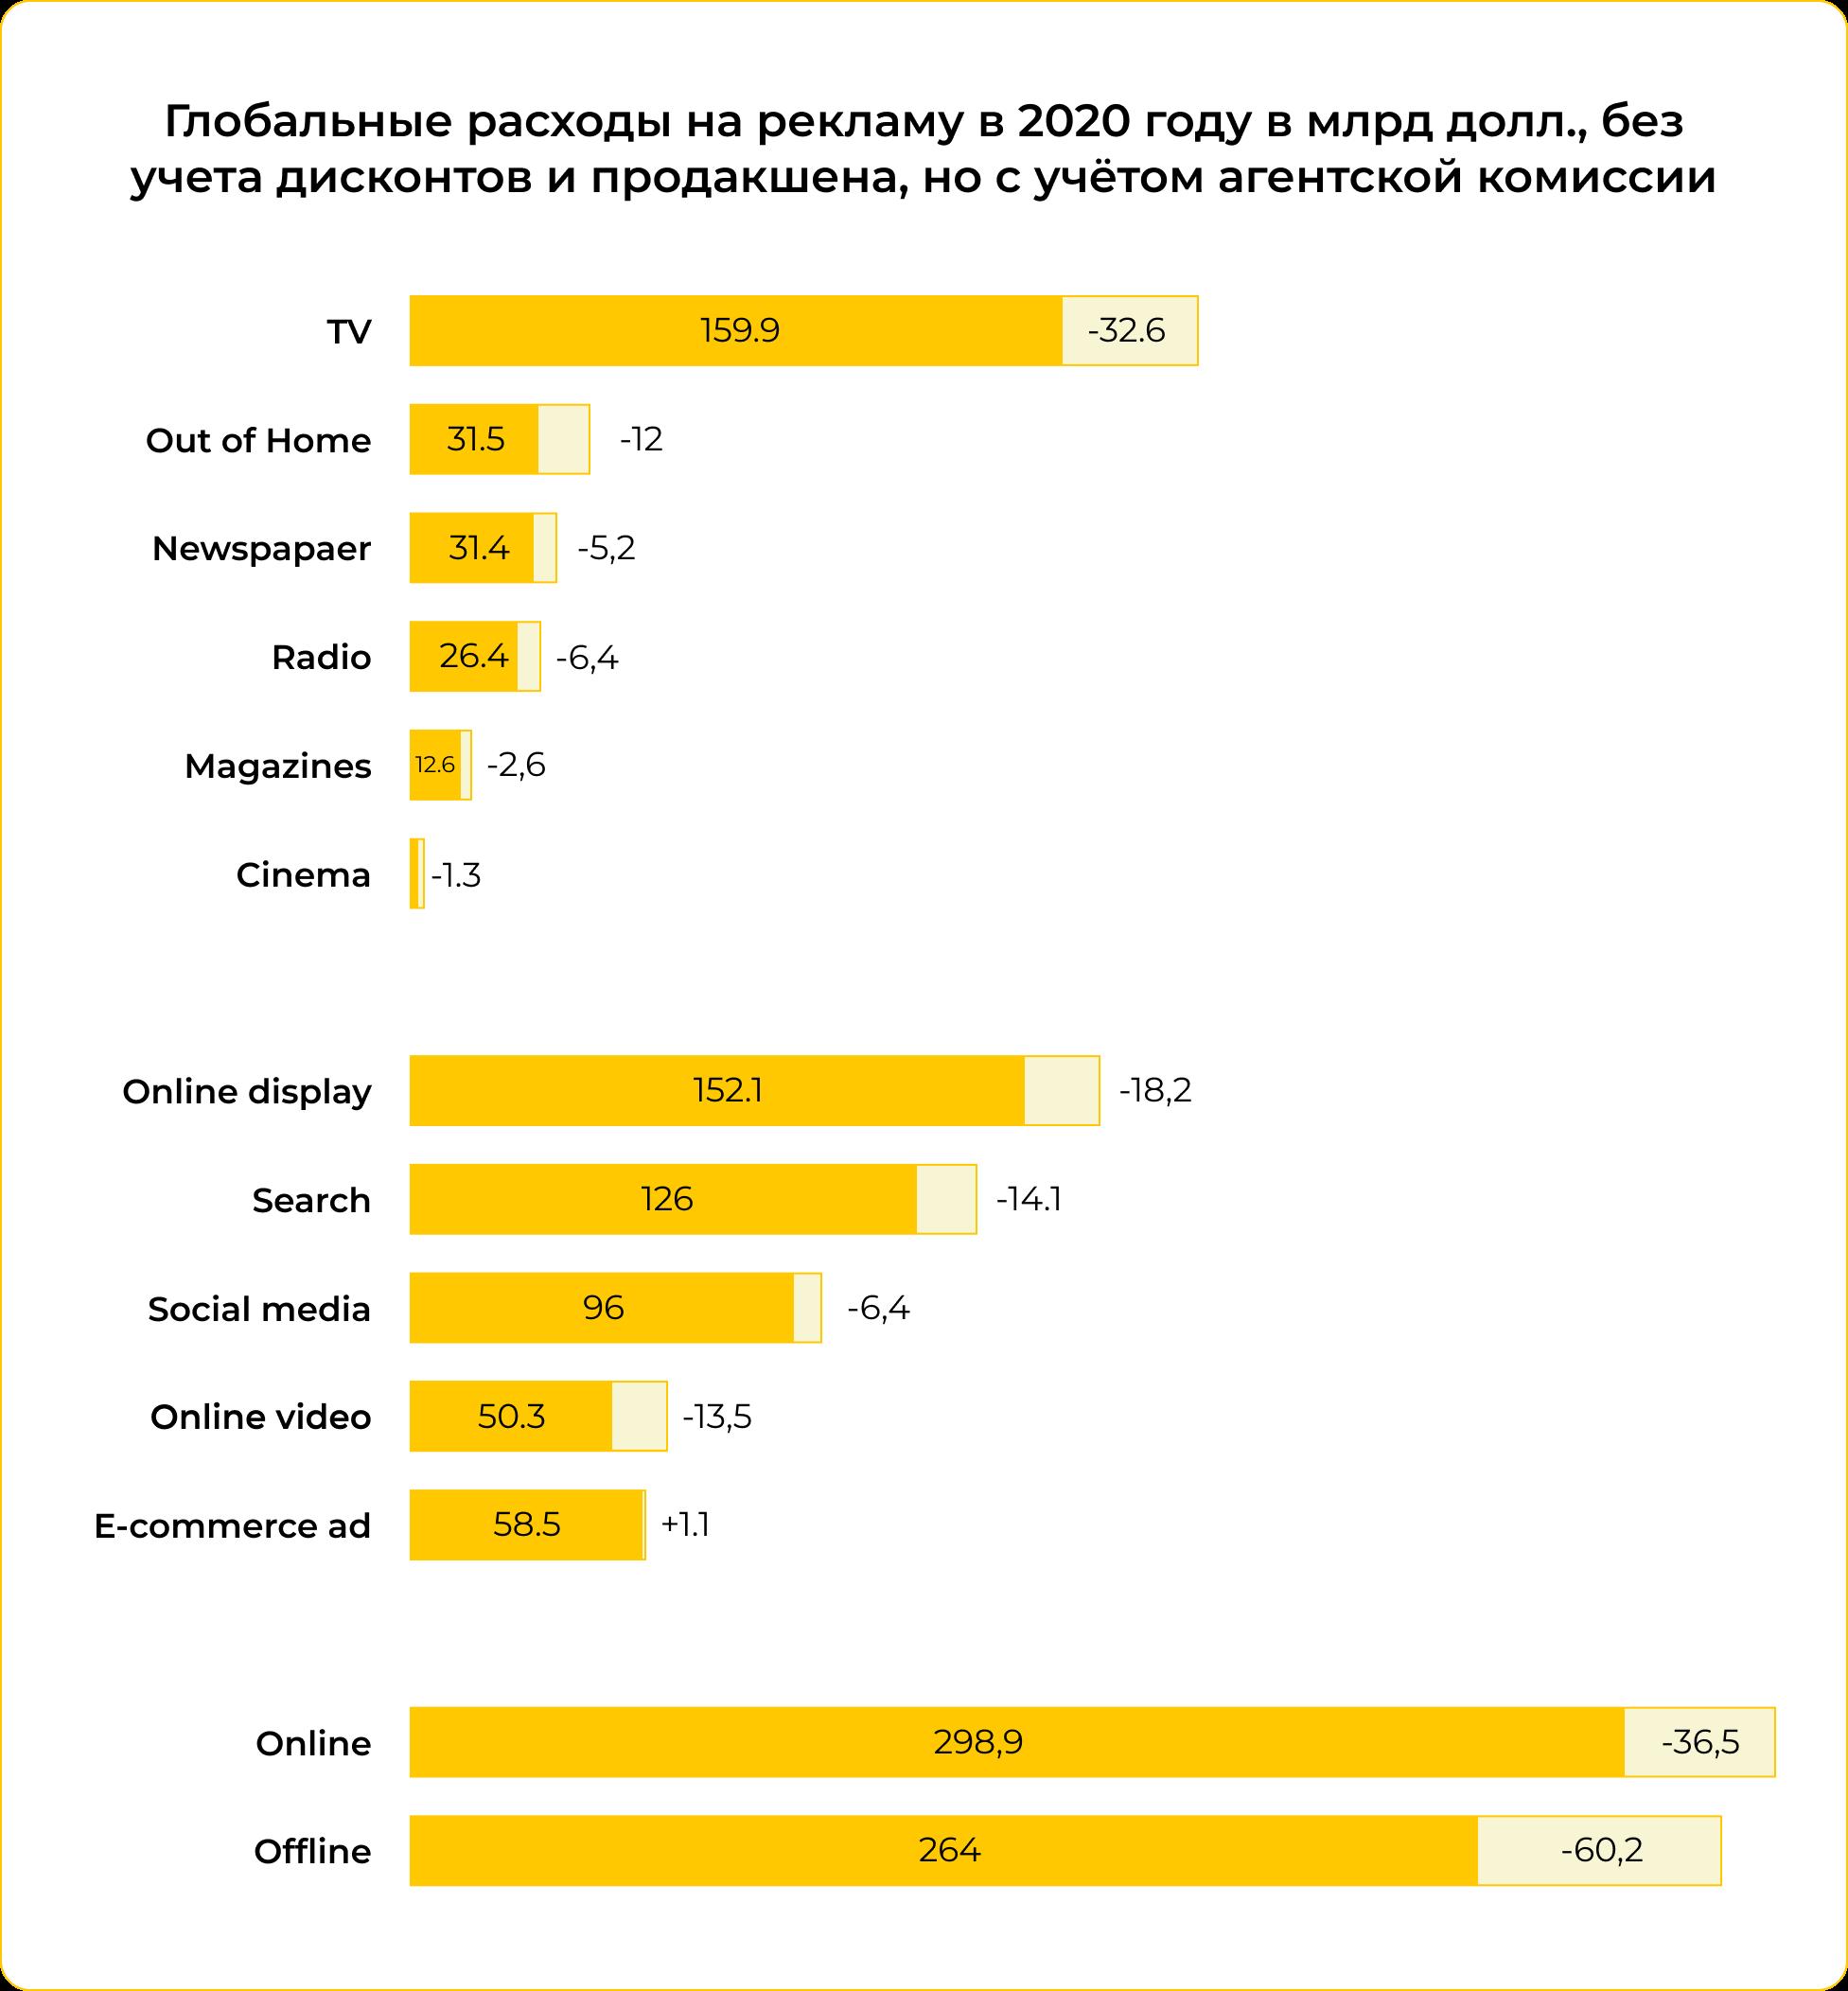 Сколько бизнес тратит на рекламу в интернете и офлайн